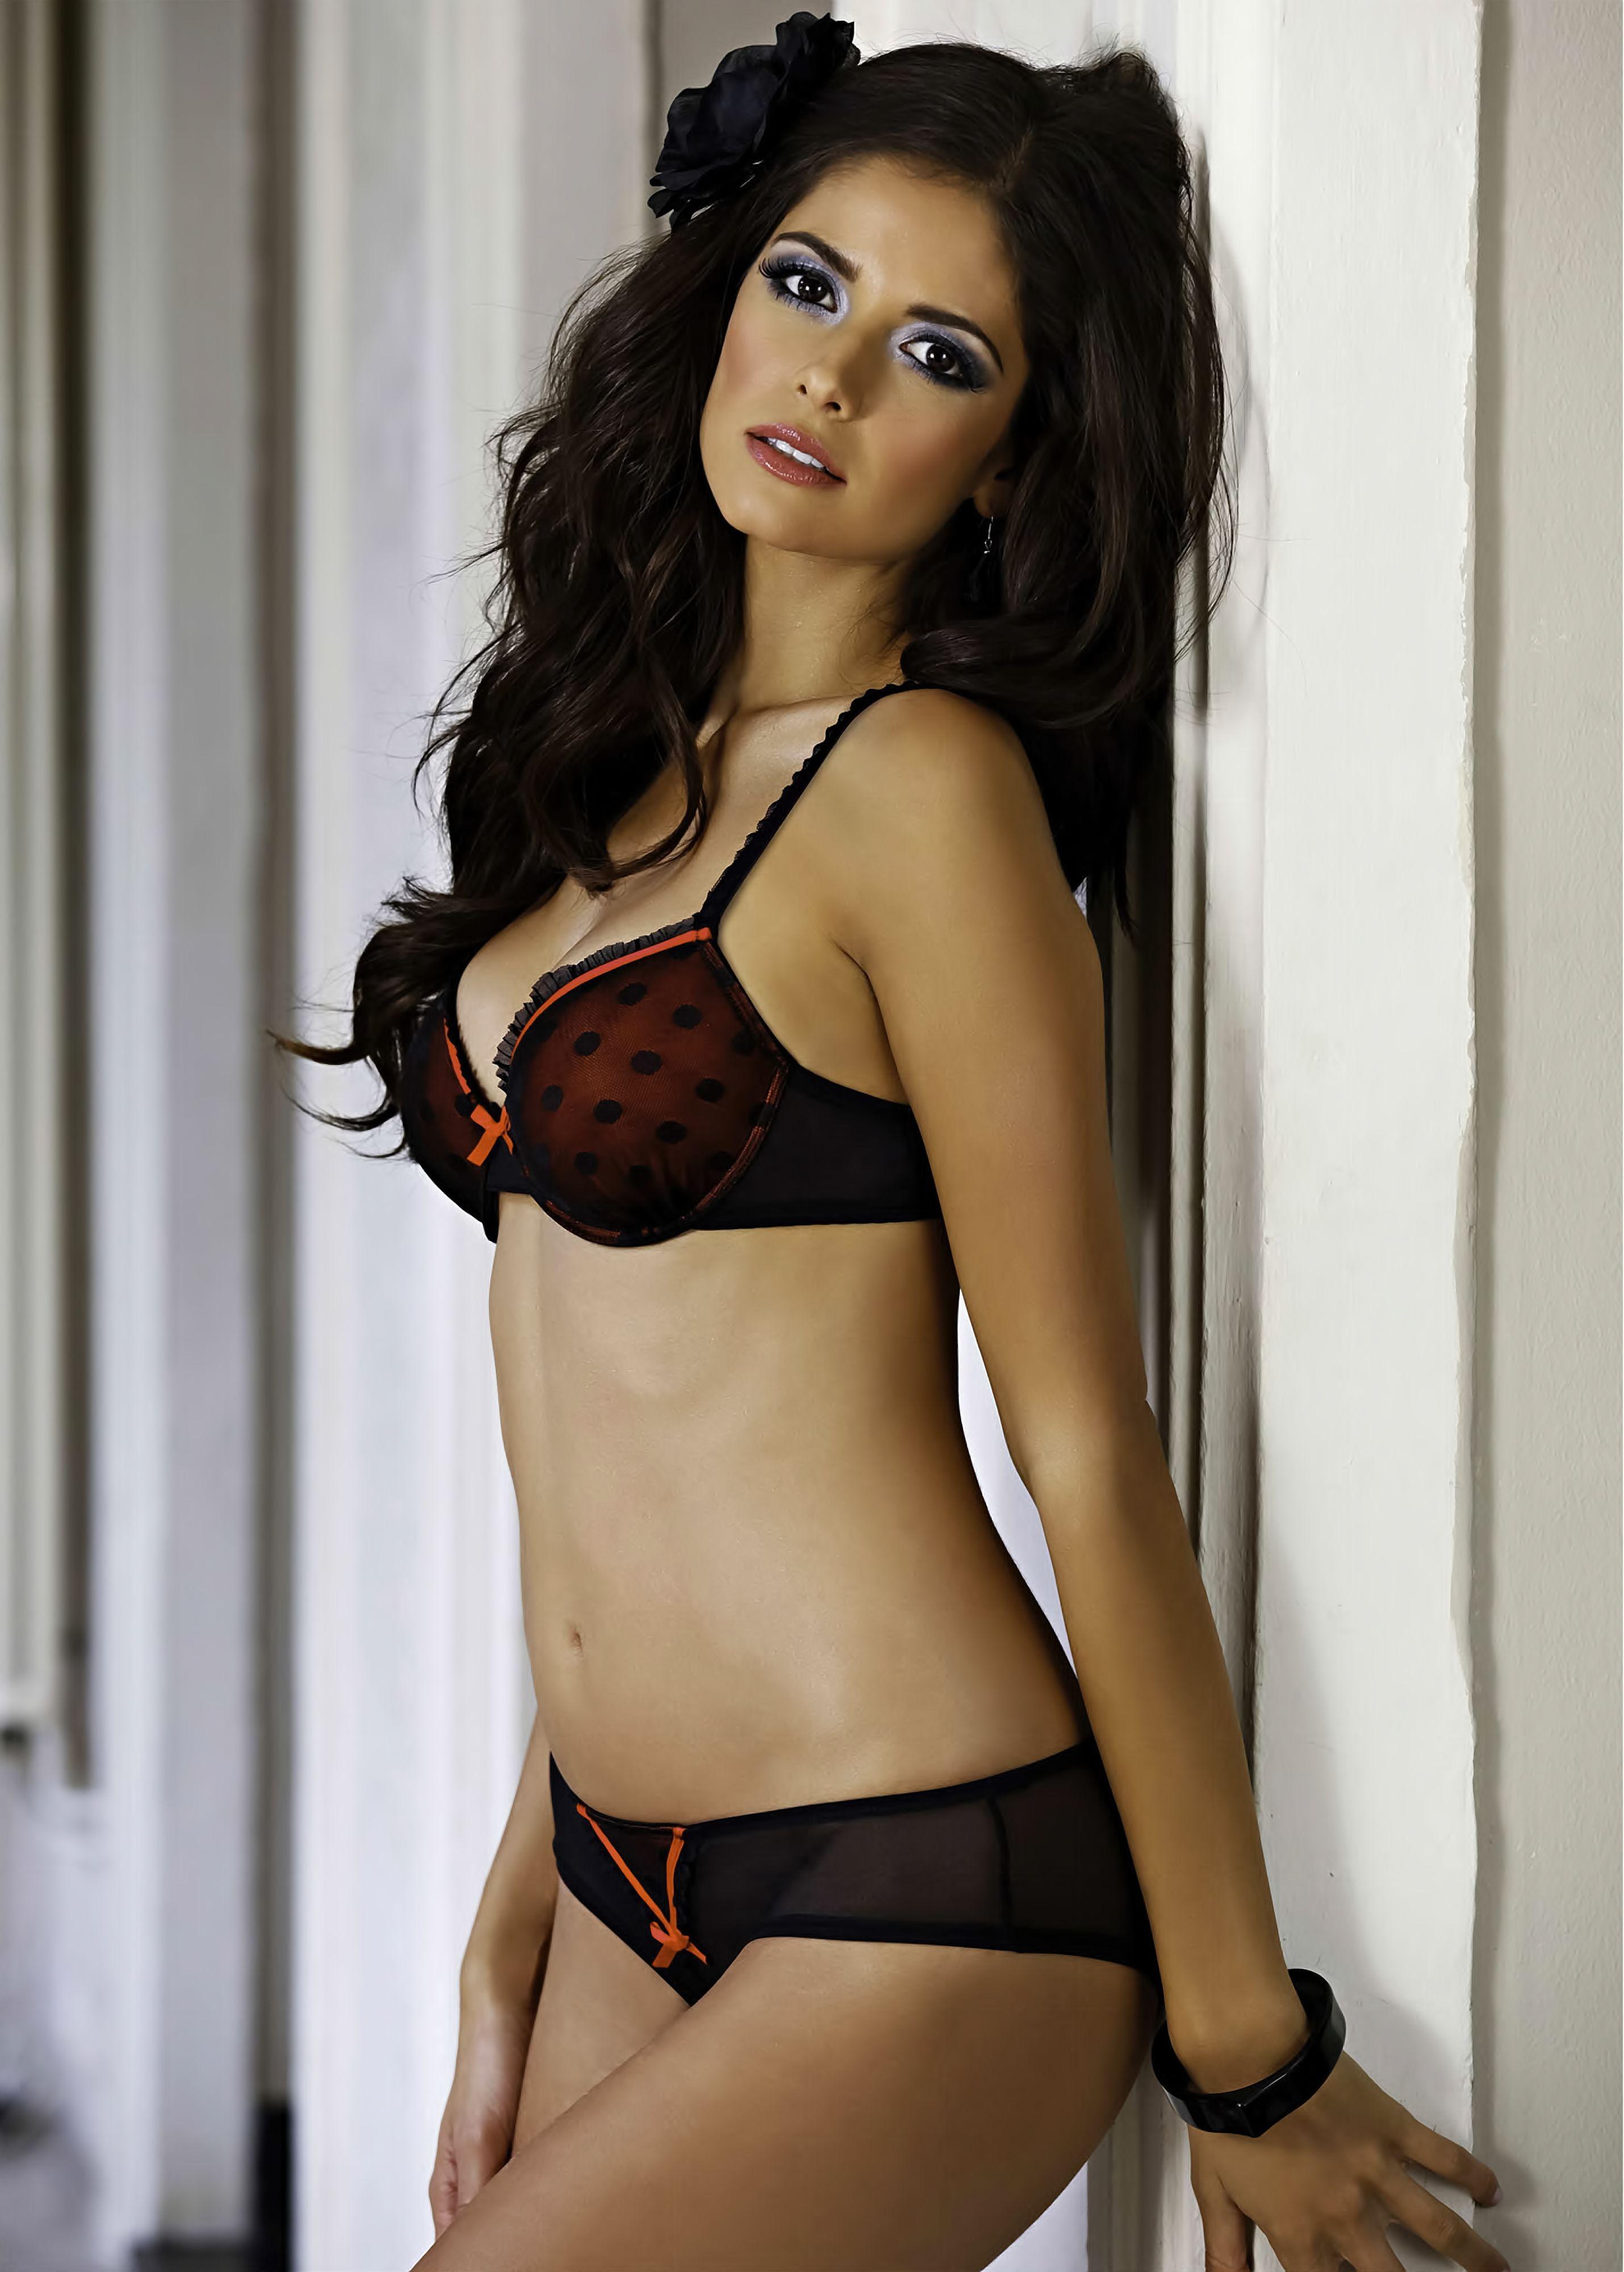 model Brunette lingerie